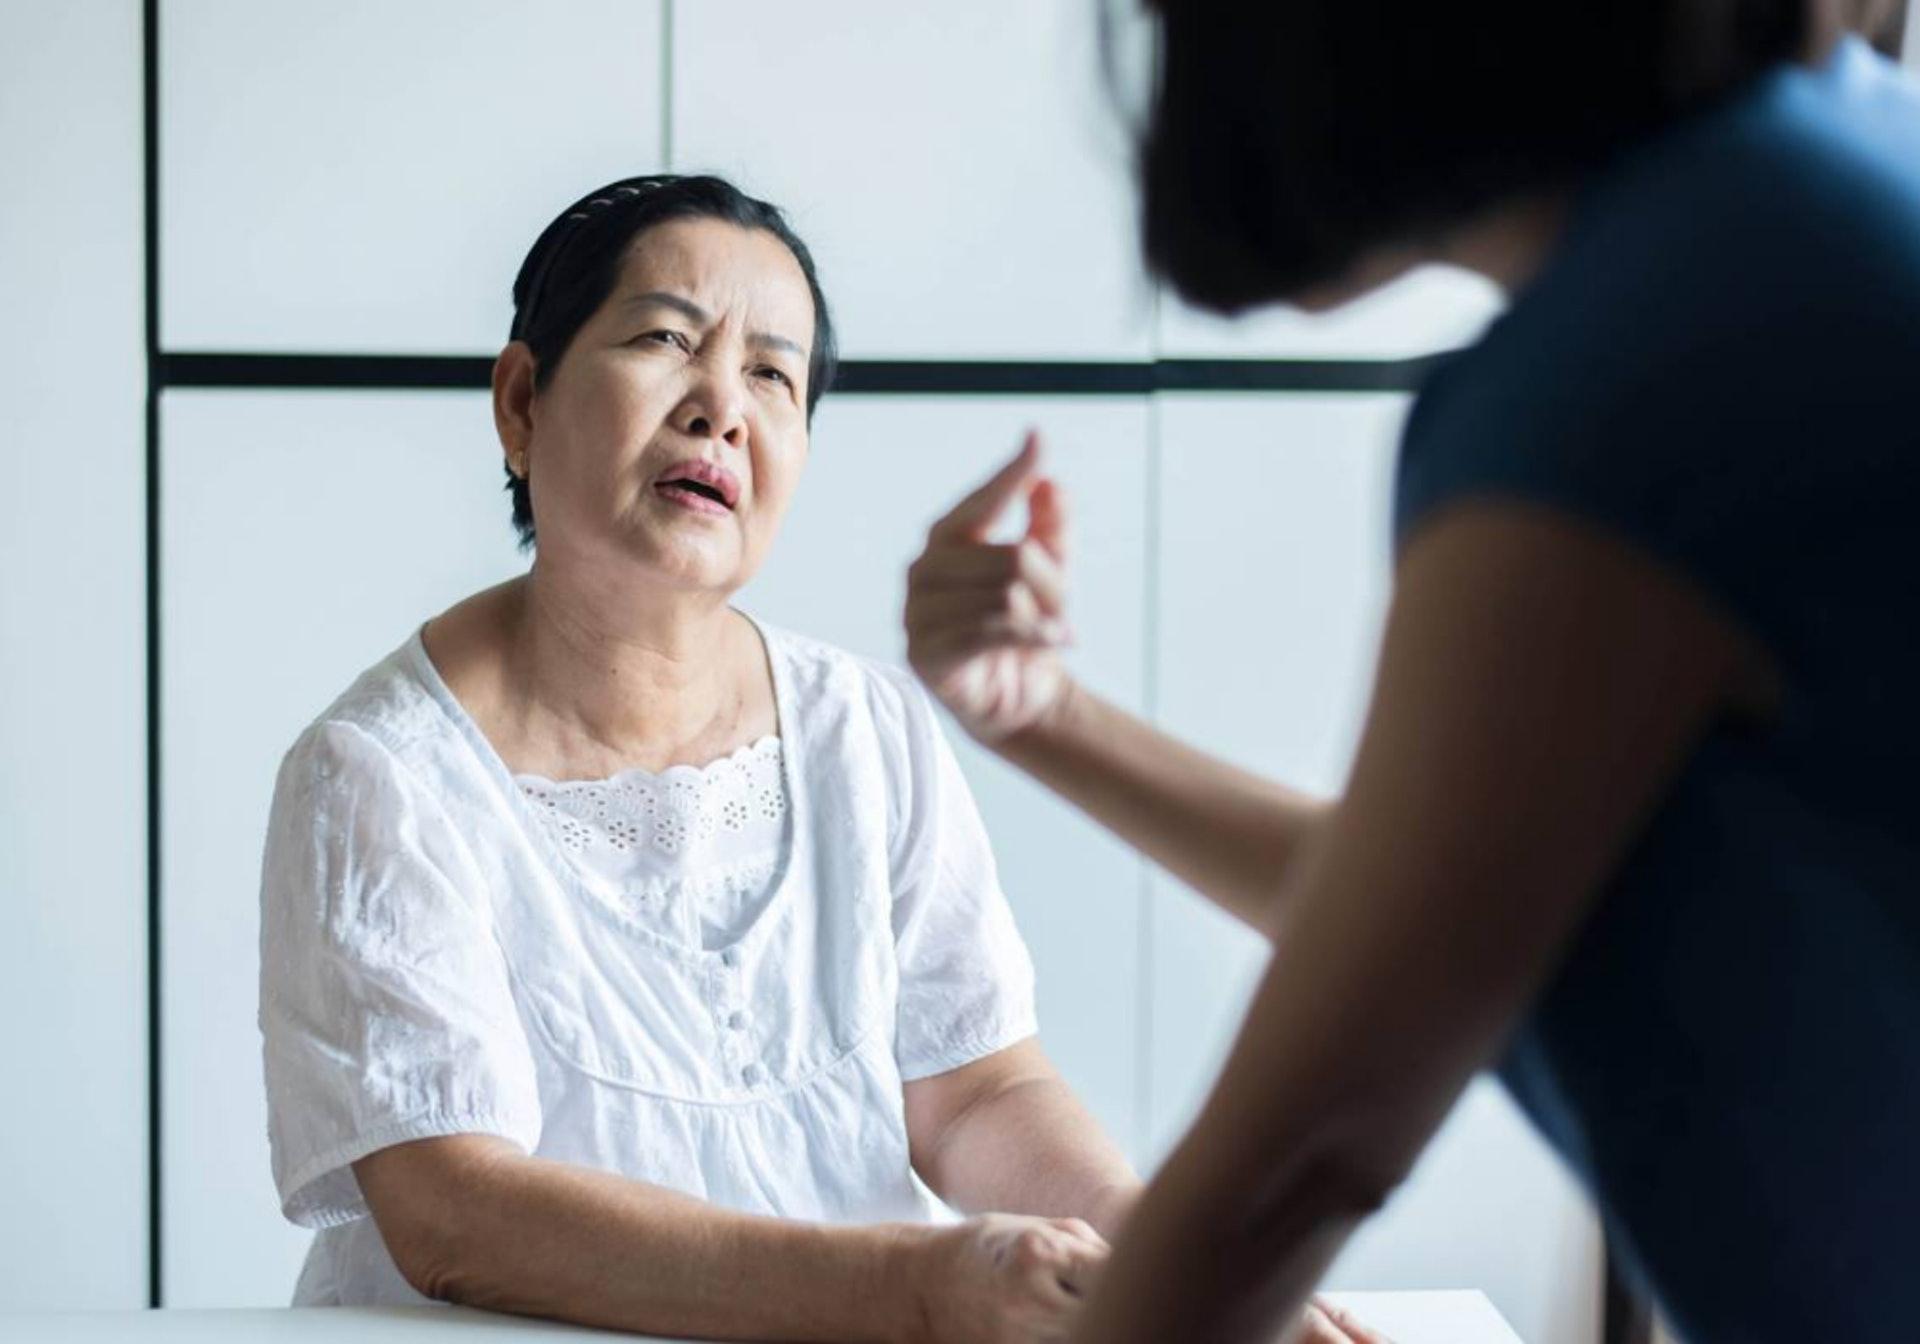 據調查,有22%的家屬需要花最少4小時才能尋回走失的長者 (圖片:shutterstock.com)